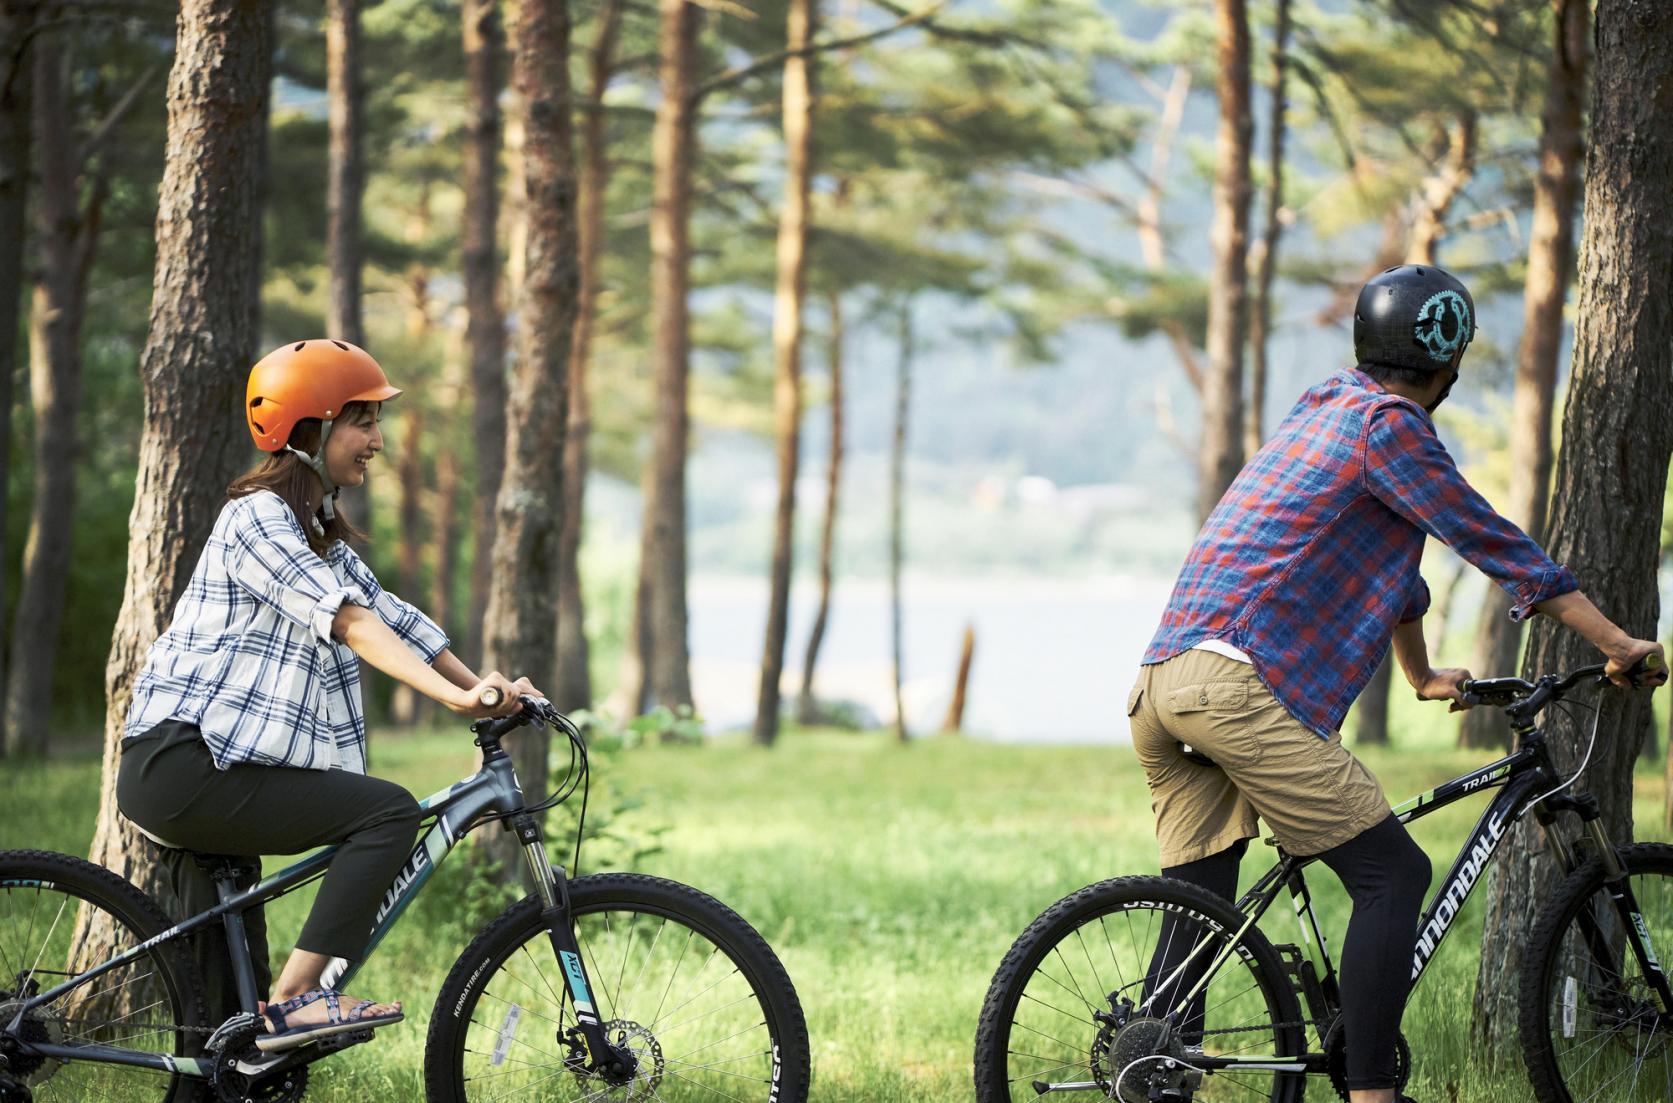 高原の風を感じて!富士山を眺めながら爽快サイクリング